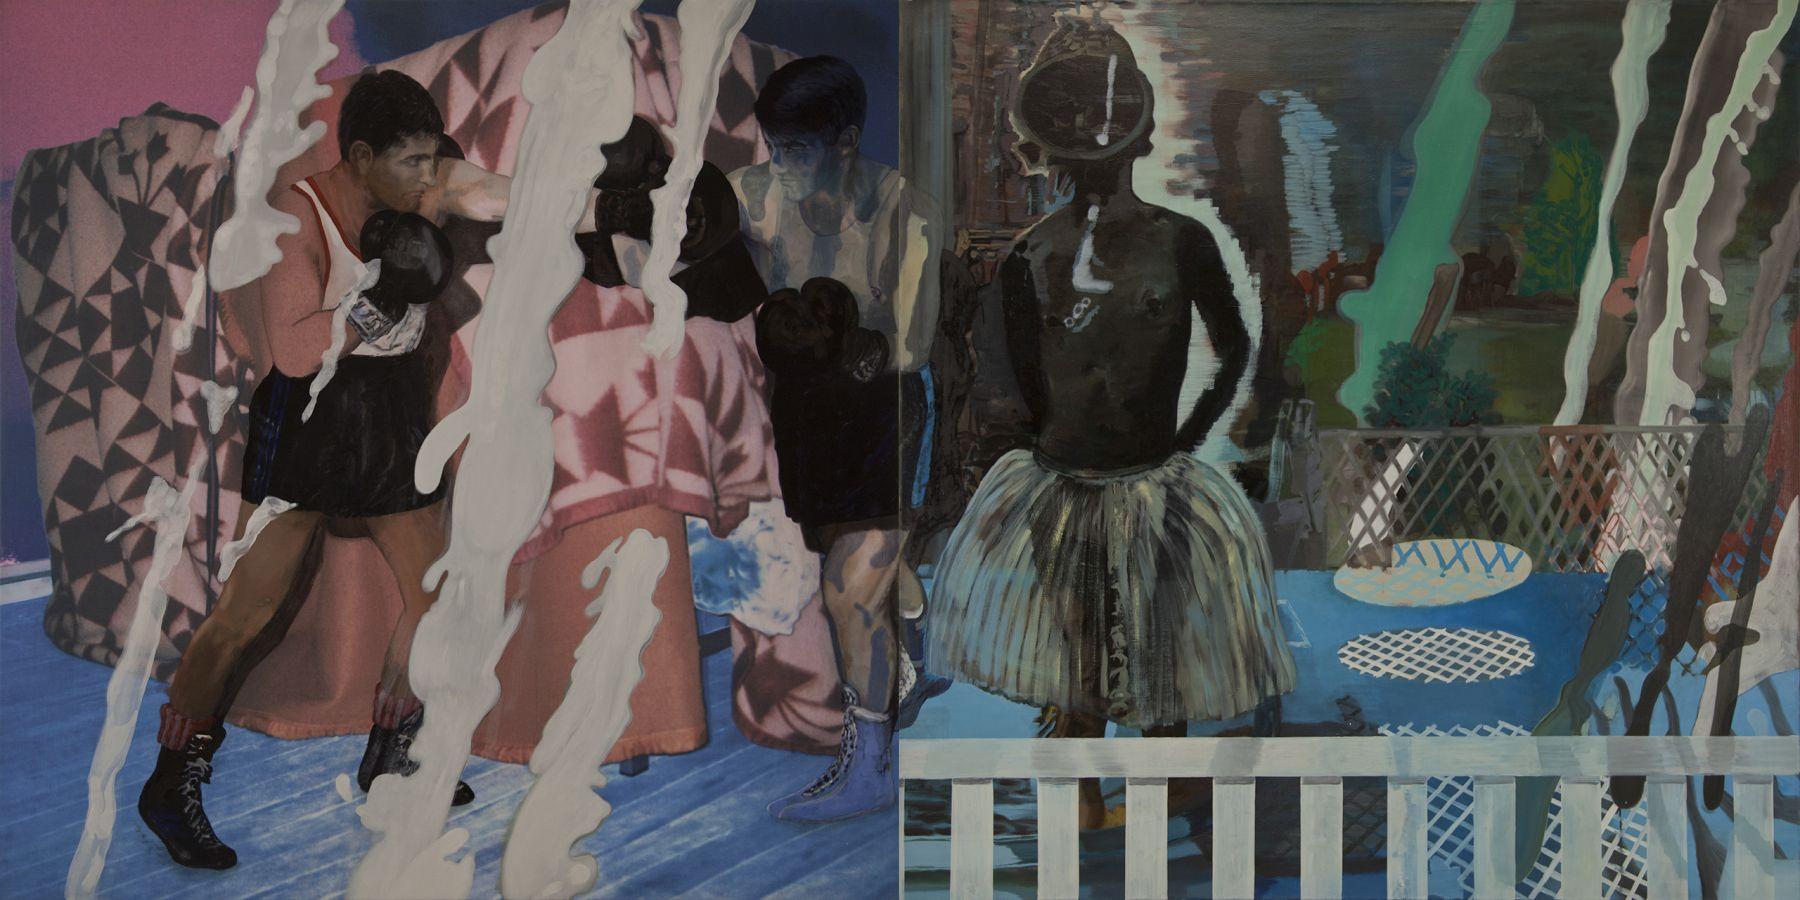 21. Milkyway, 2003-2004, acrylic/tempera/oil/print/canvas, 200 x 400 cm